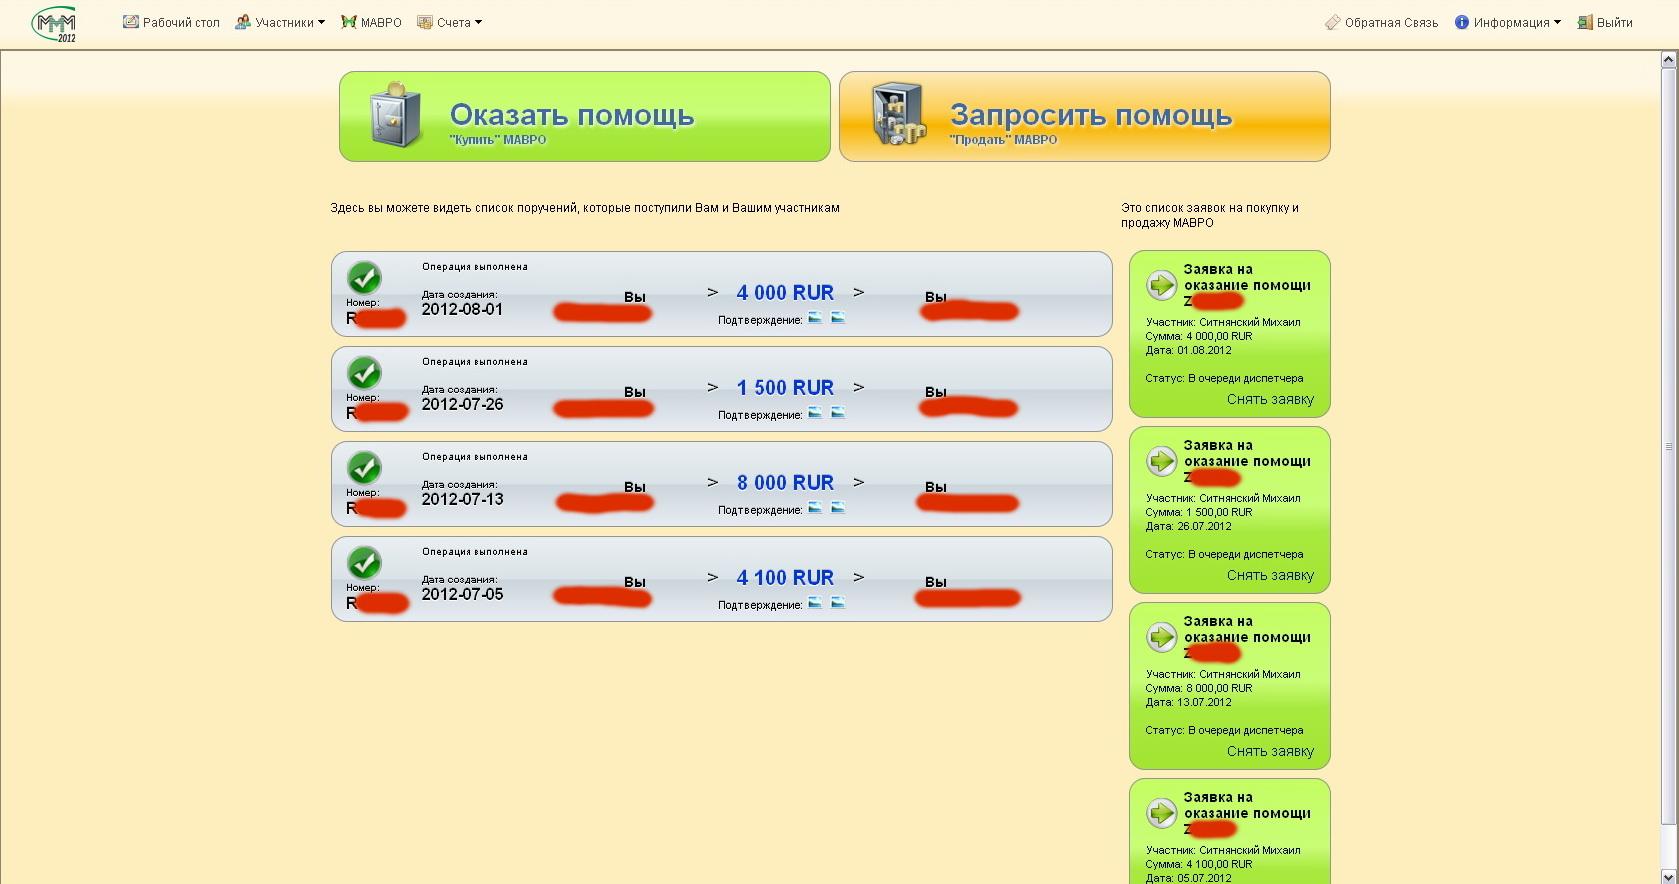 Мои вклады в МММ-2012 на 1 августа 2012